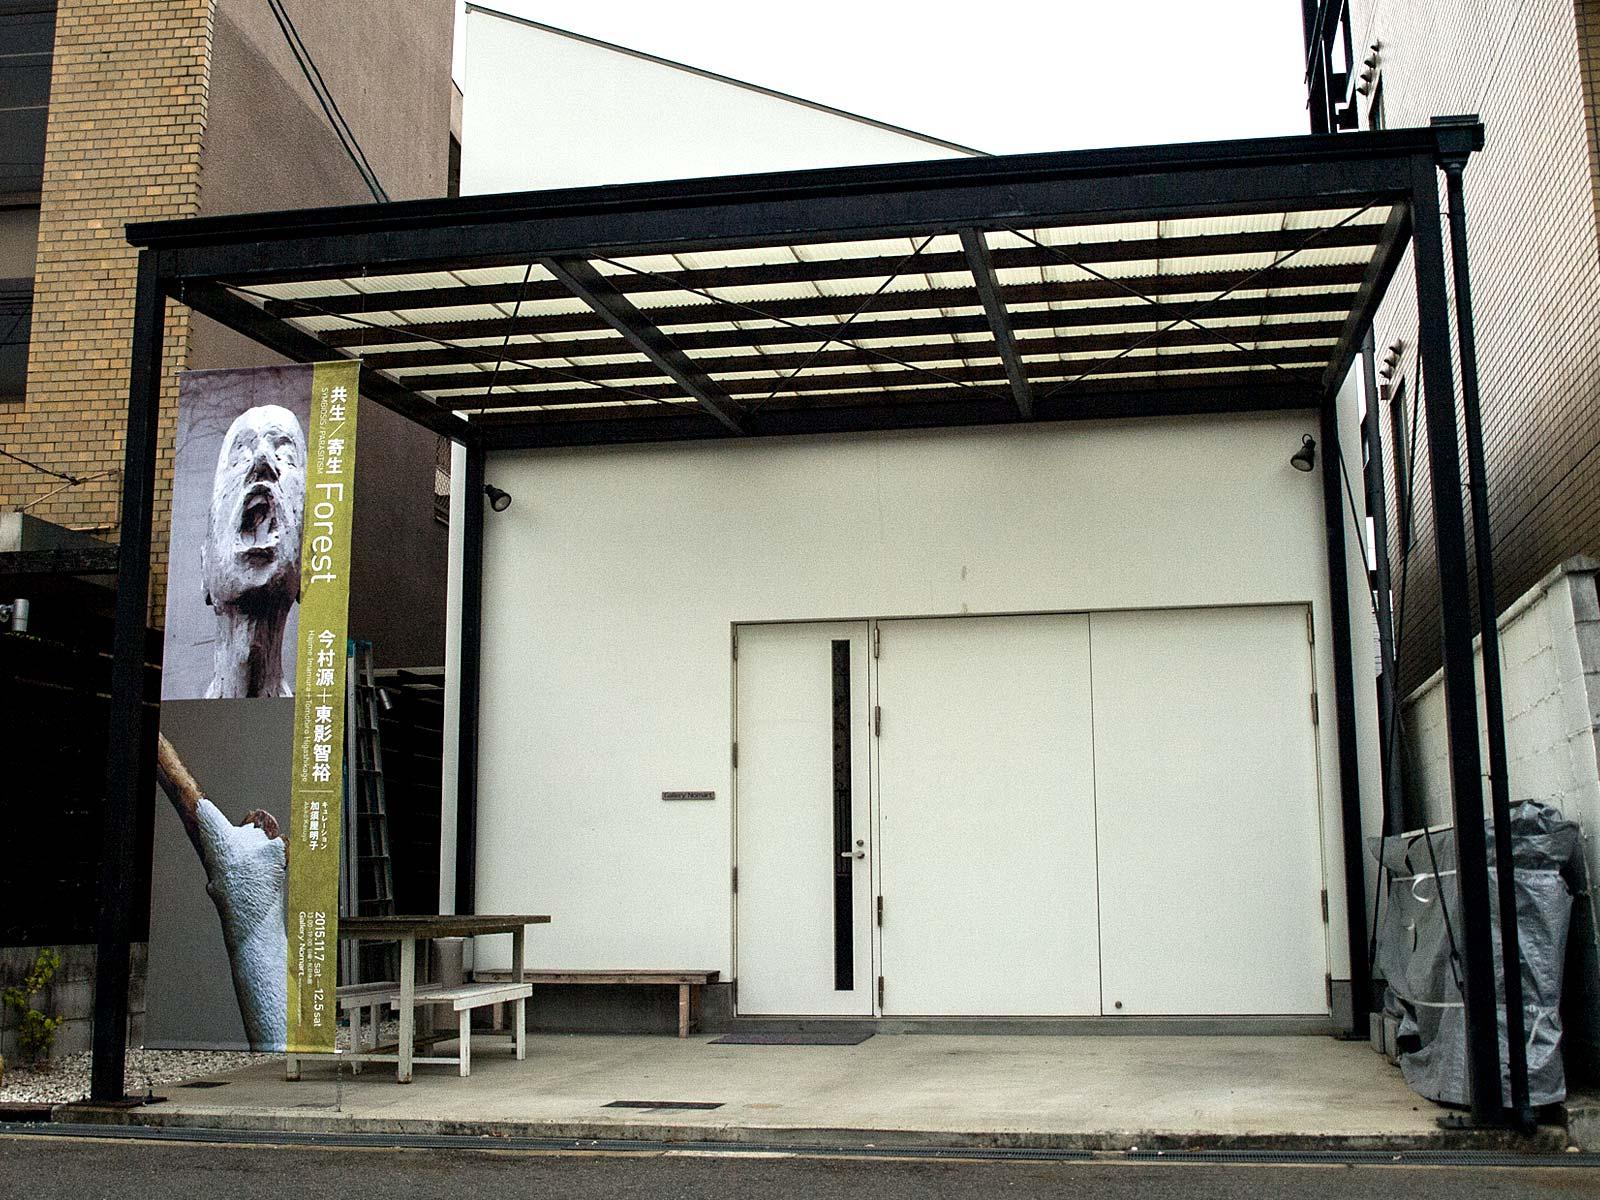 「今村源+東影智裕: 共生 / 寄生 − Forest」Gallery Nomart 2015(大阪府 大阪市)